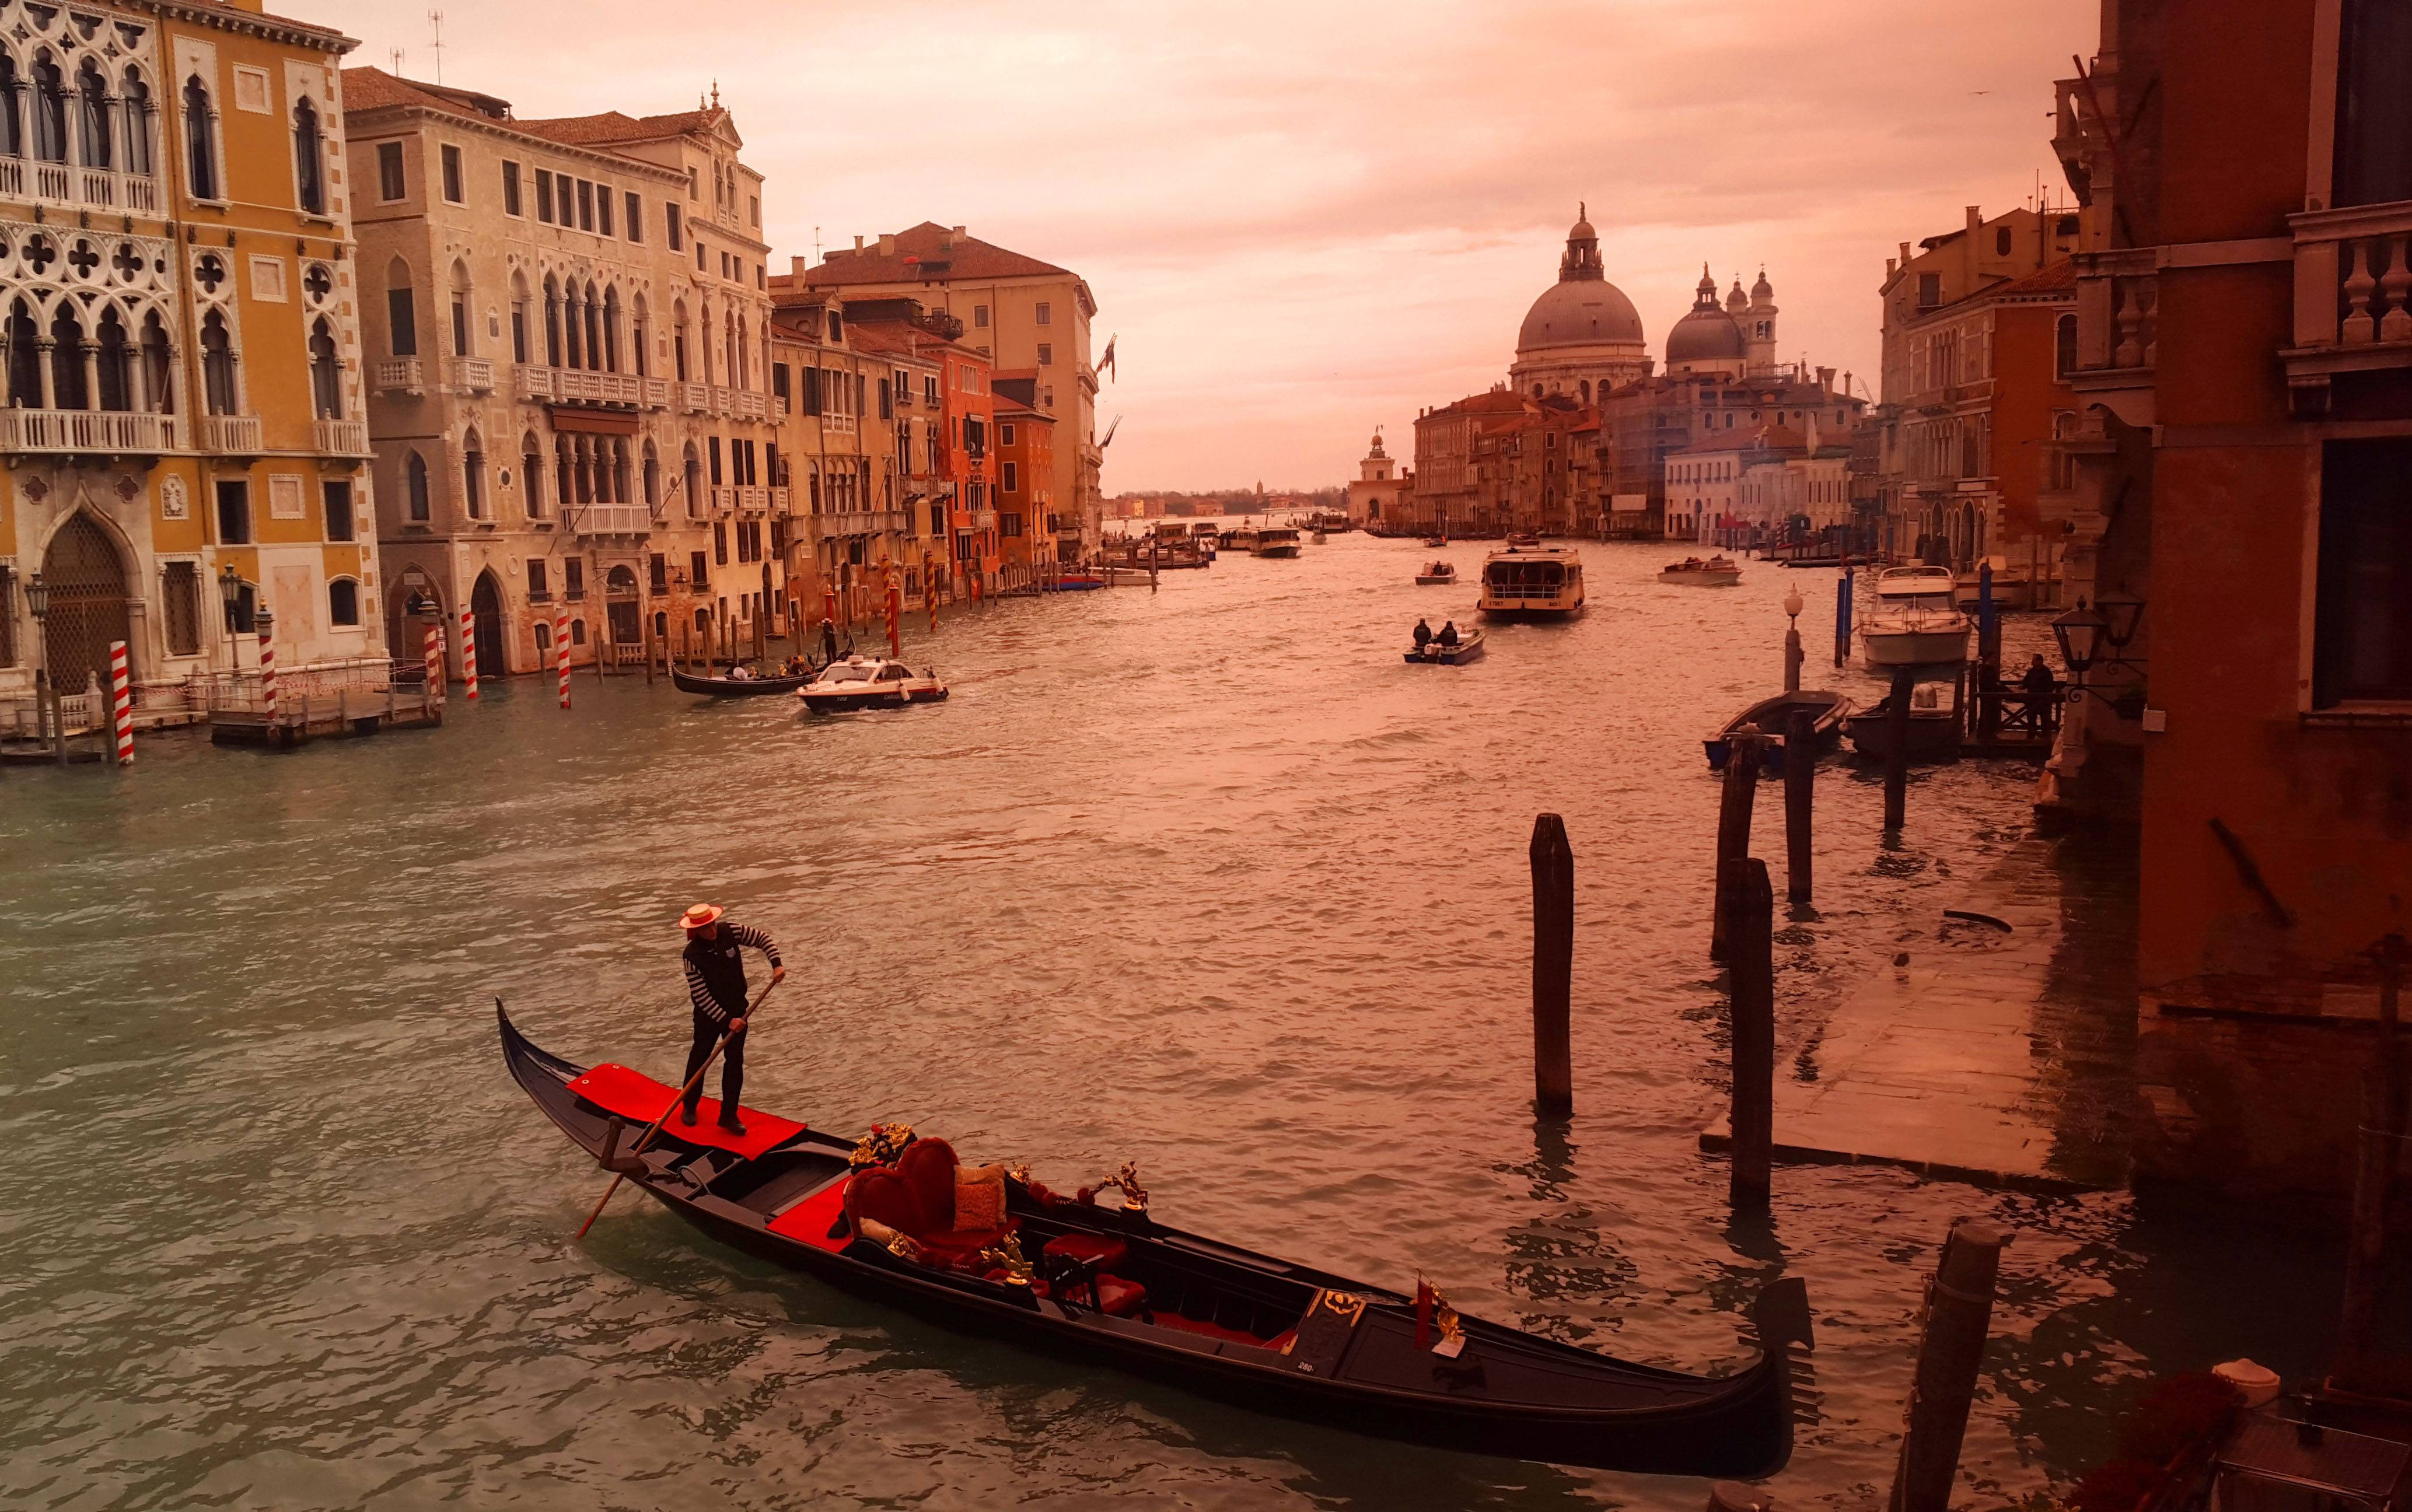 Photo 3: Venise et son grand canal